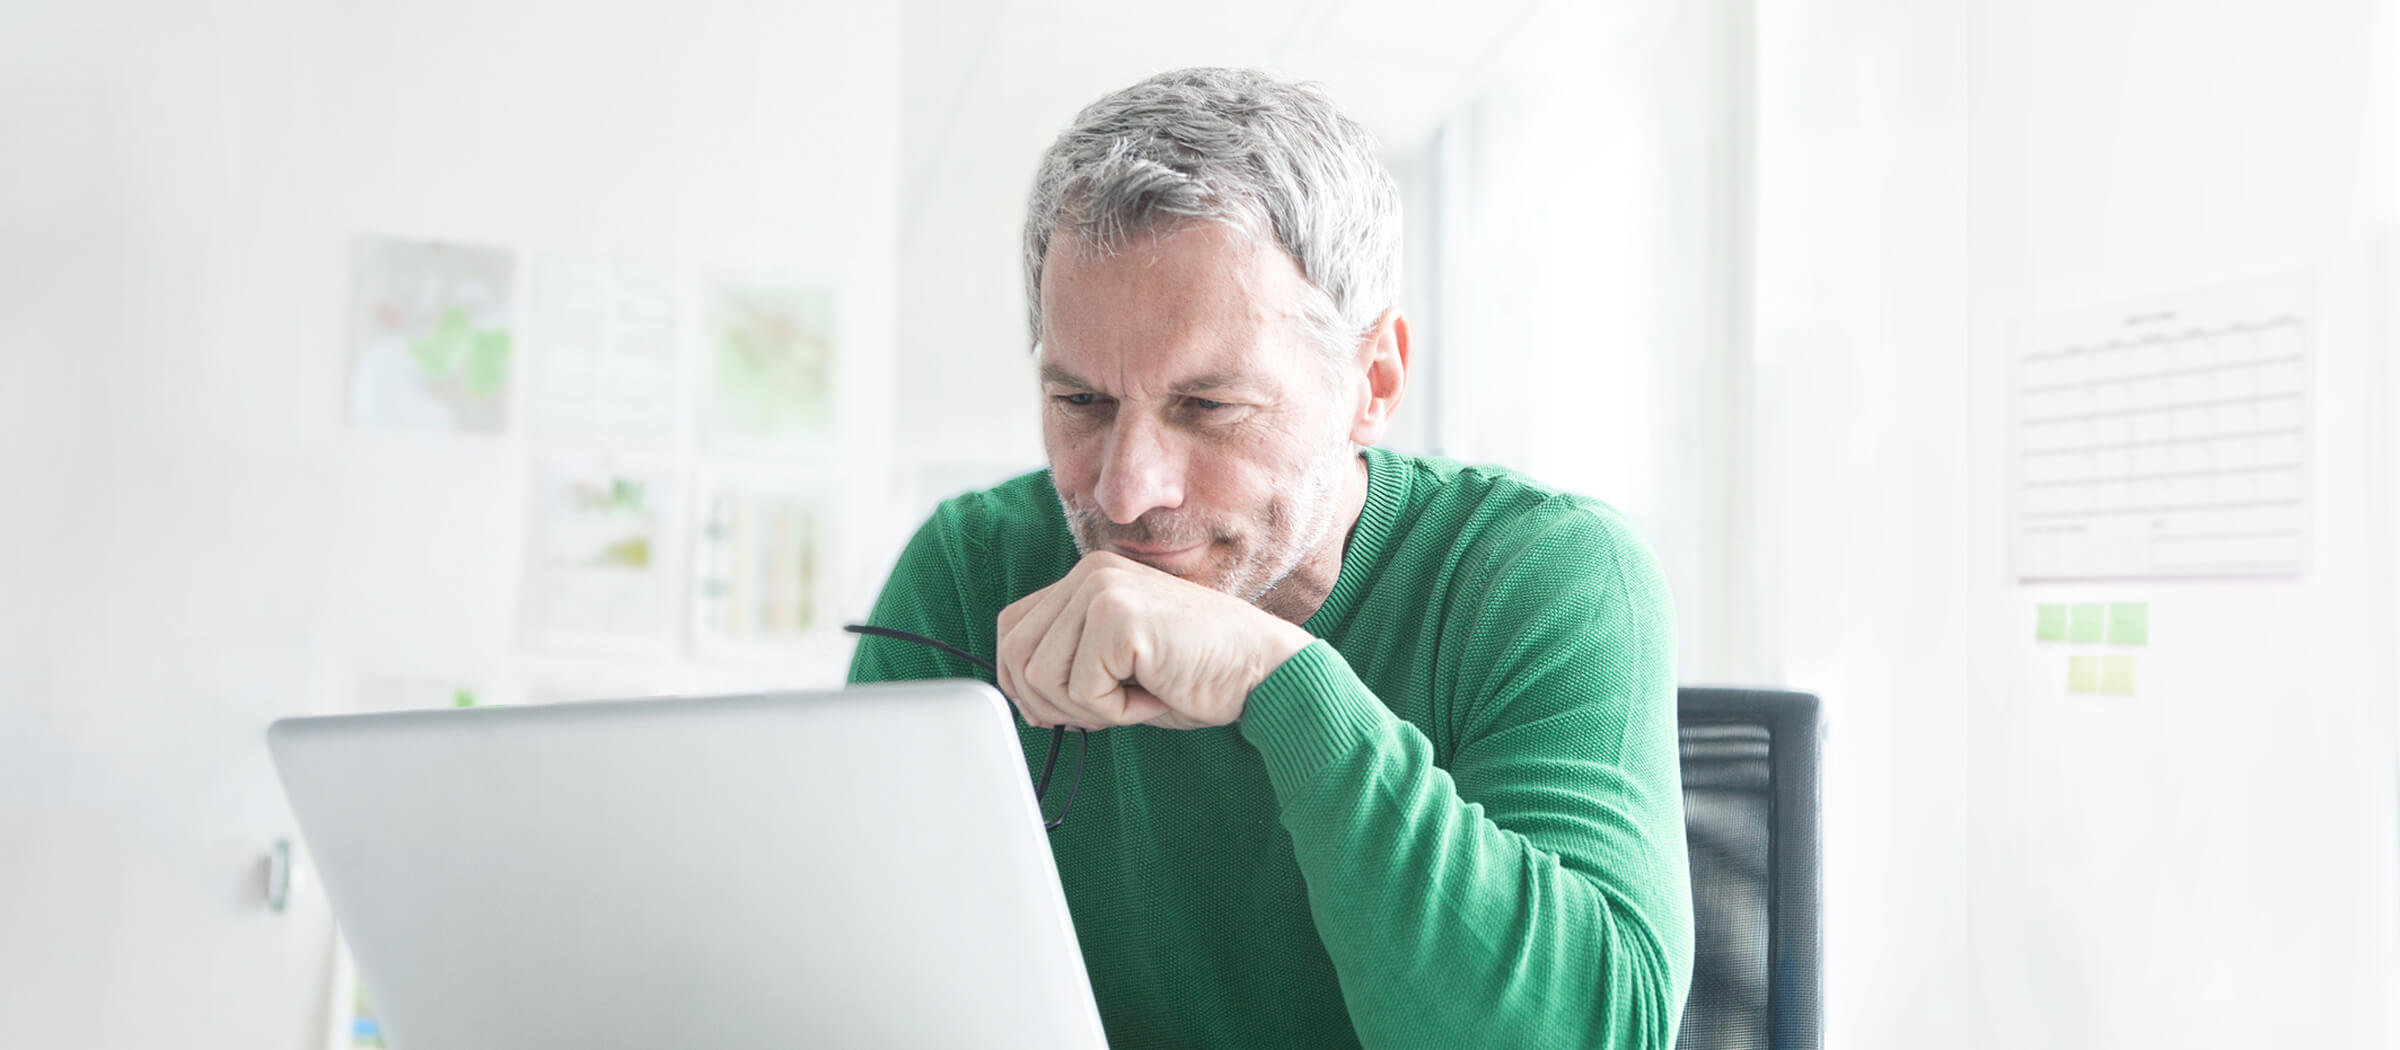 Investor prohlížející si nabídku newsletterů LYNX na notebooku